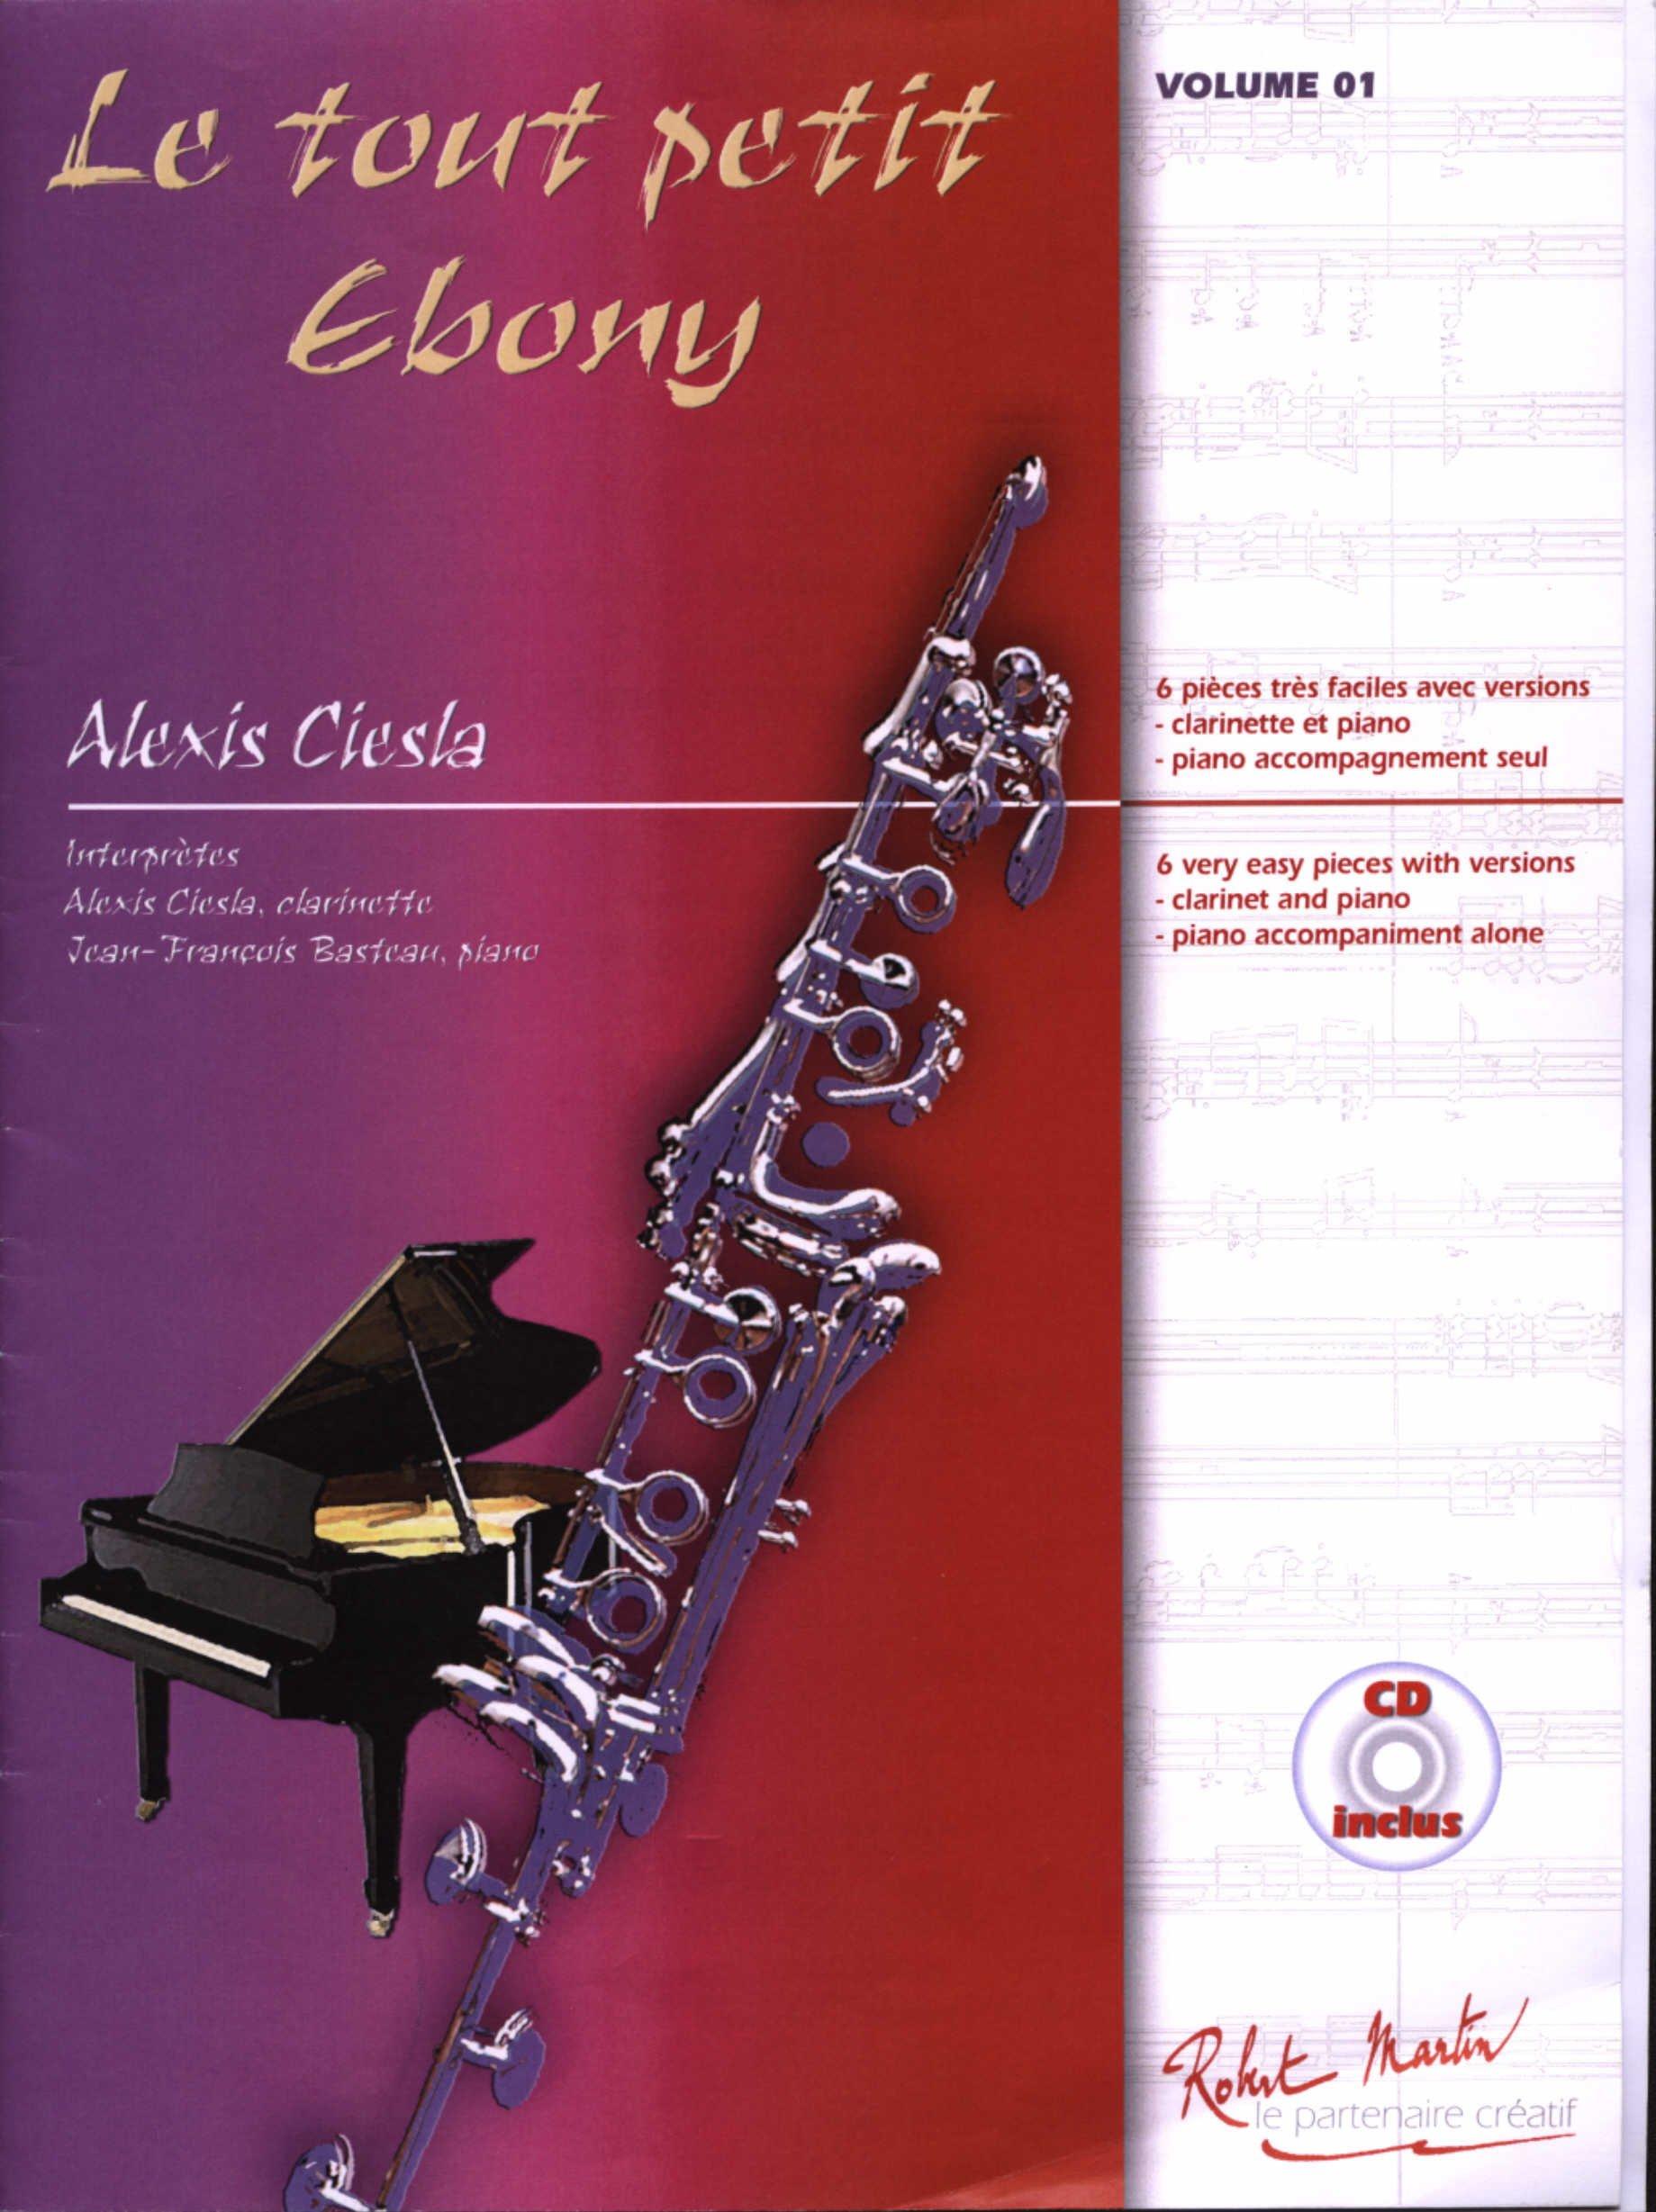 Le tout petit Ebony Partition – 1 juillet 2013 Alexis Ciesla Editions Robert Martin B00CHN0VES Musique